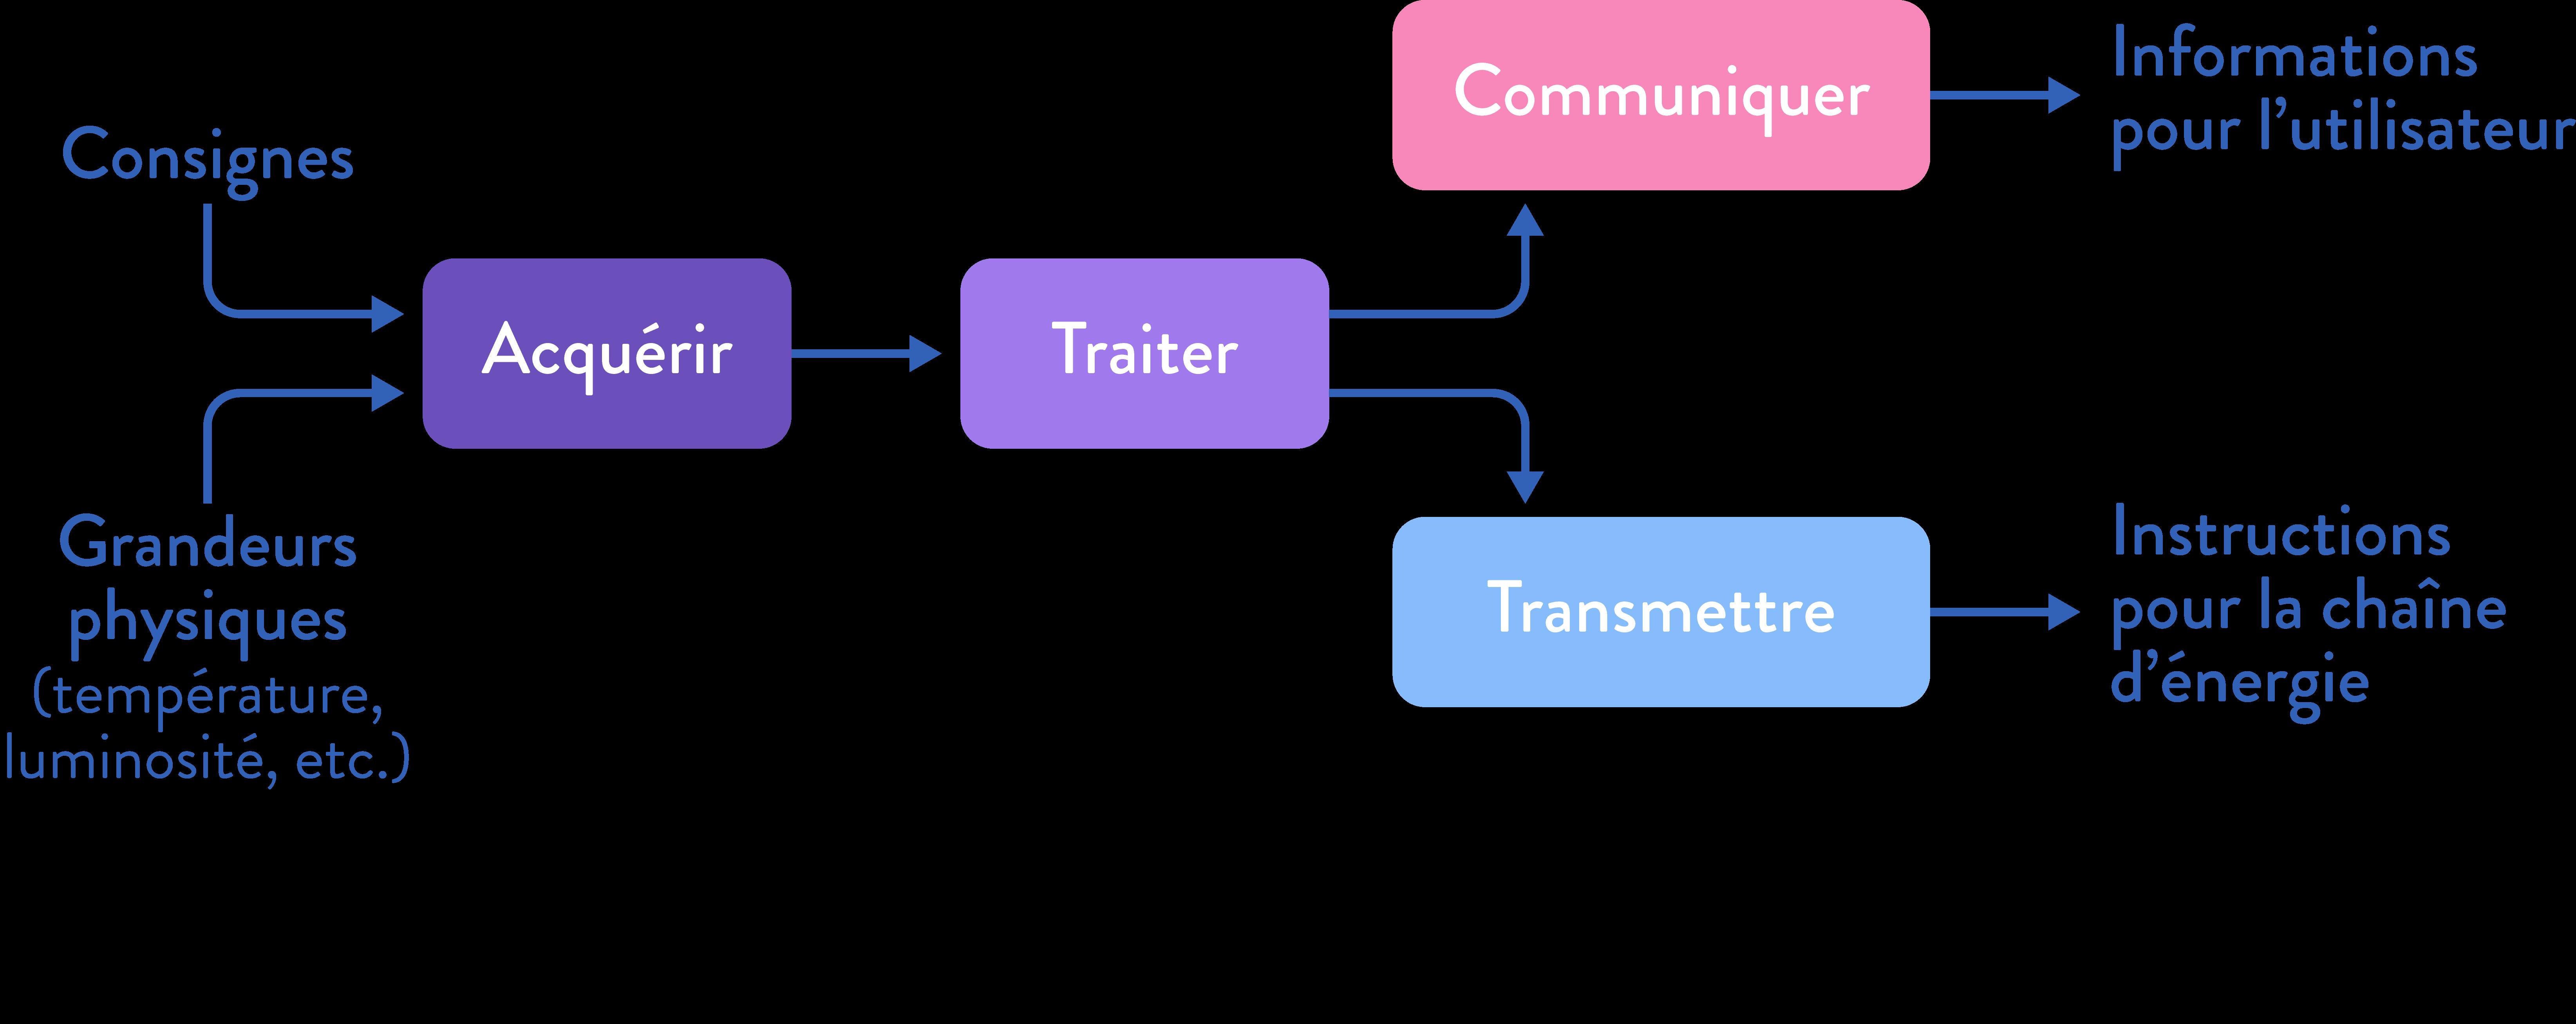 sciences ingénieur première signaux chaîne information